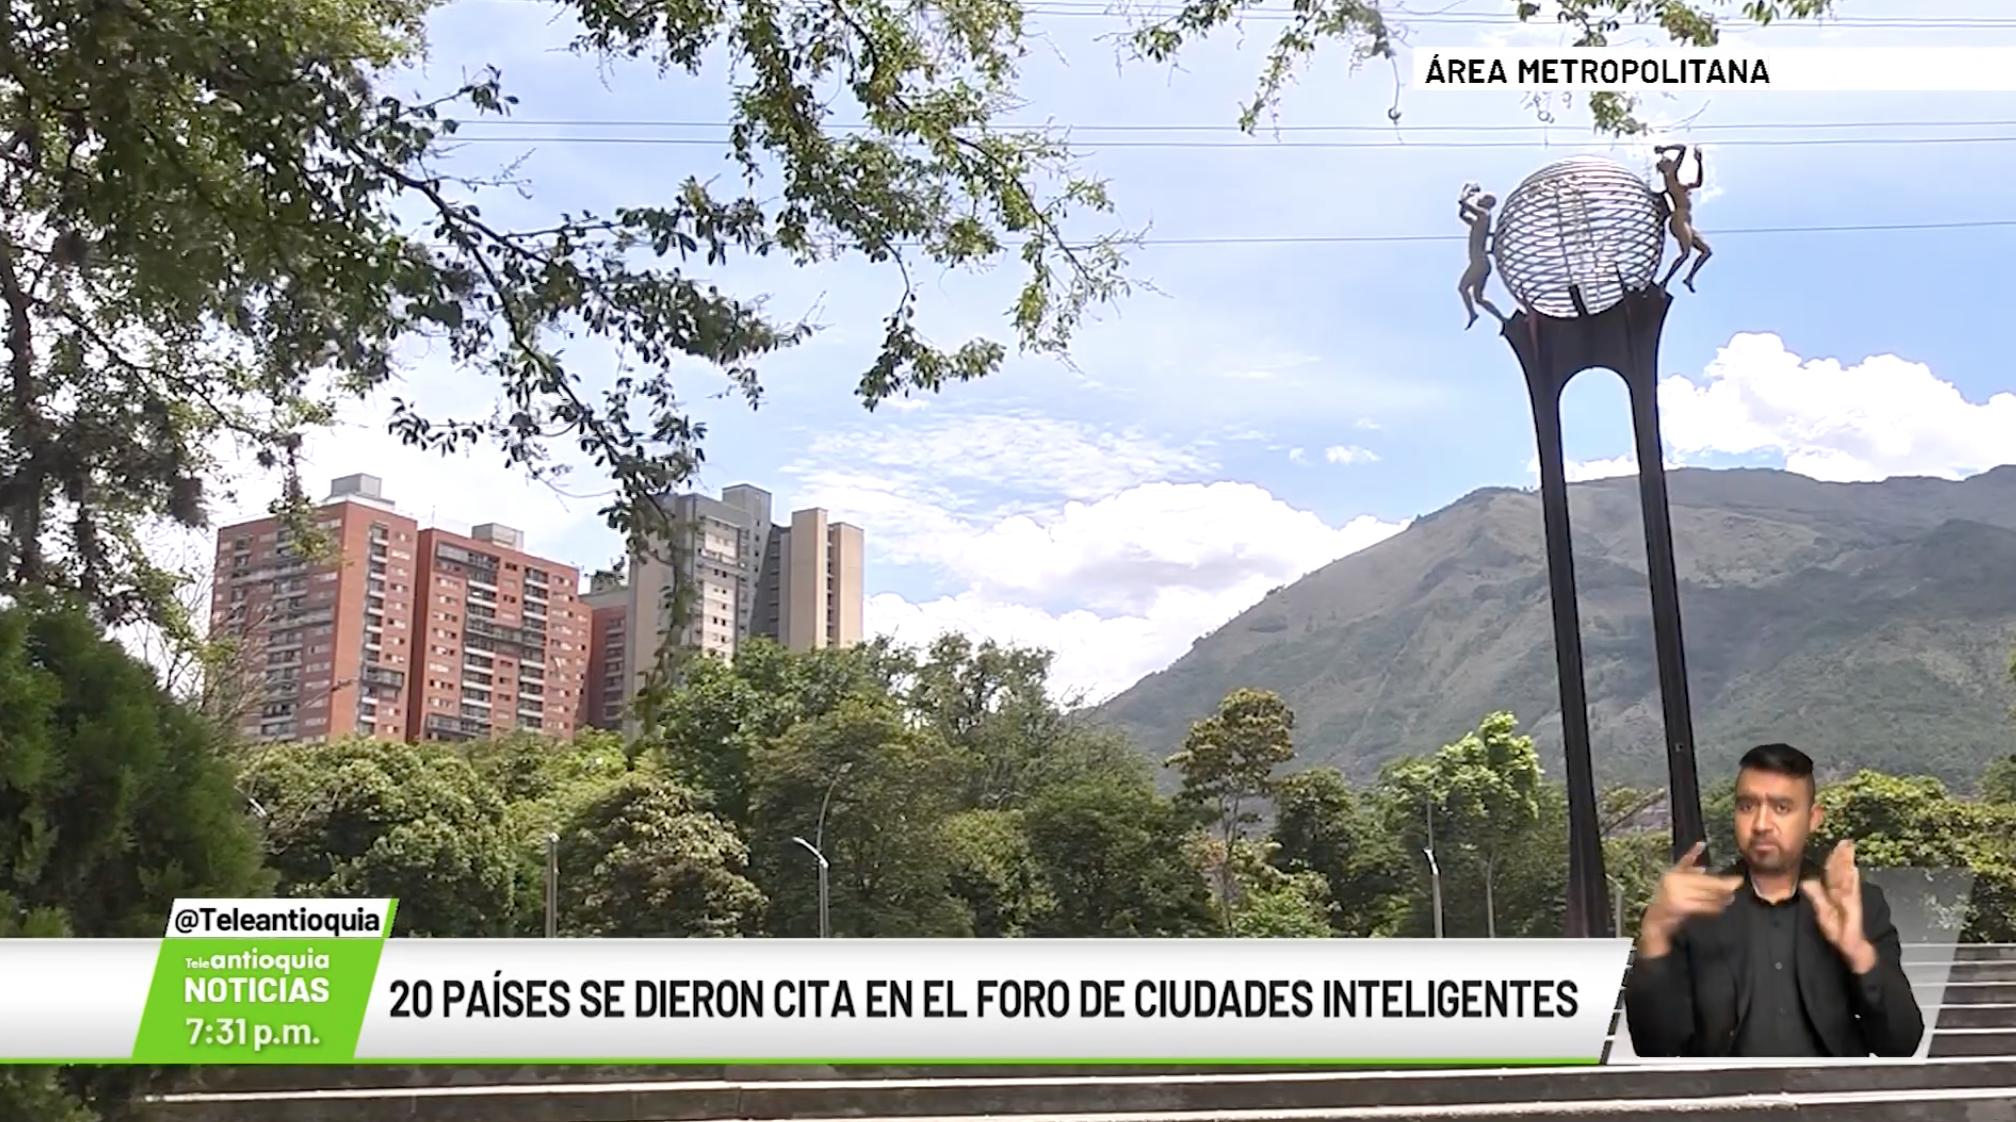 20 países se dieron cita en el Foro de ciudades inteligentes